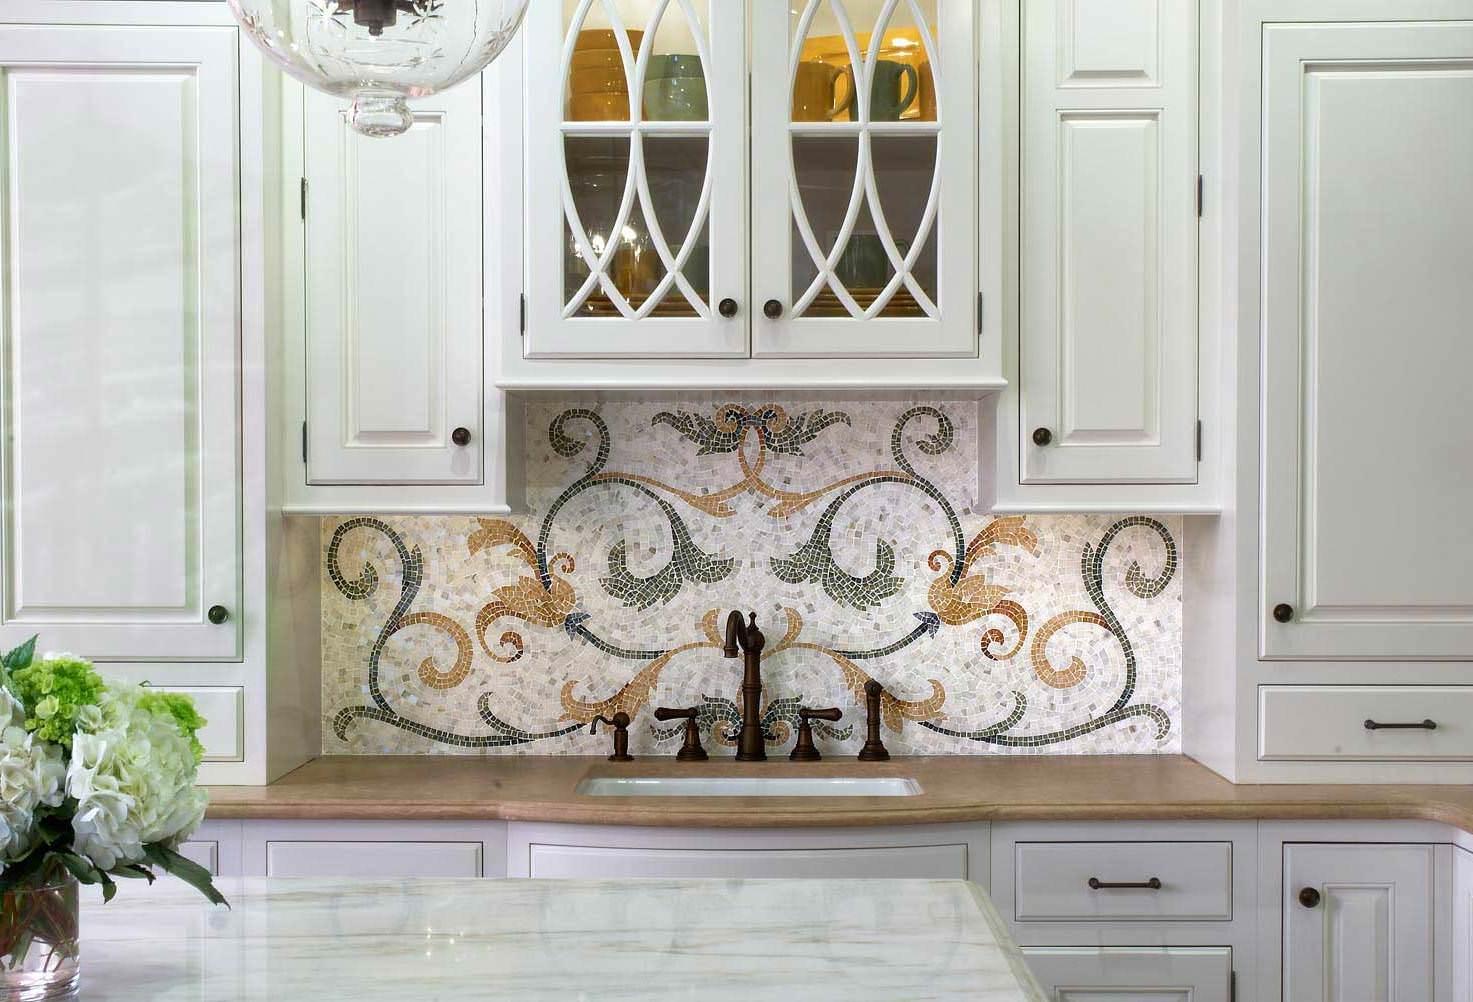 Мозаичный узор  в оформлении кухонного фартука